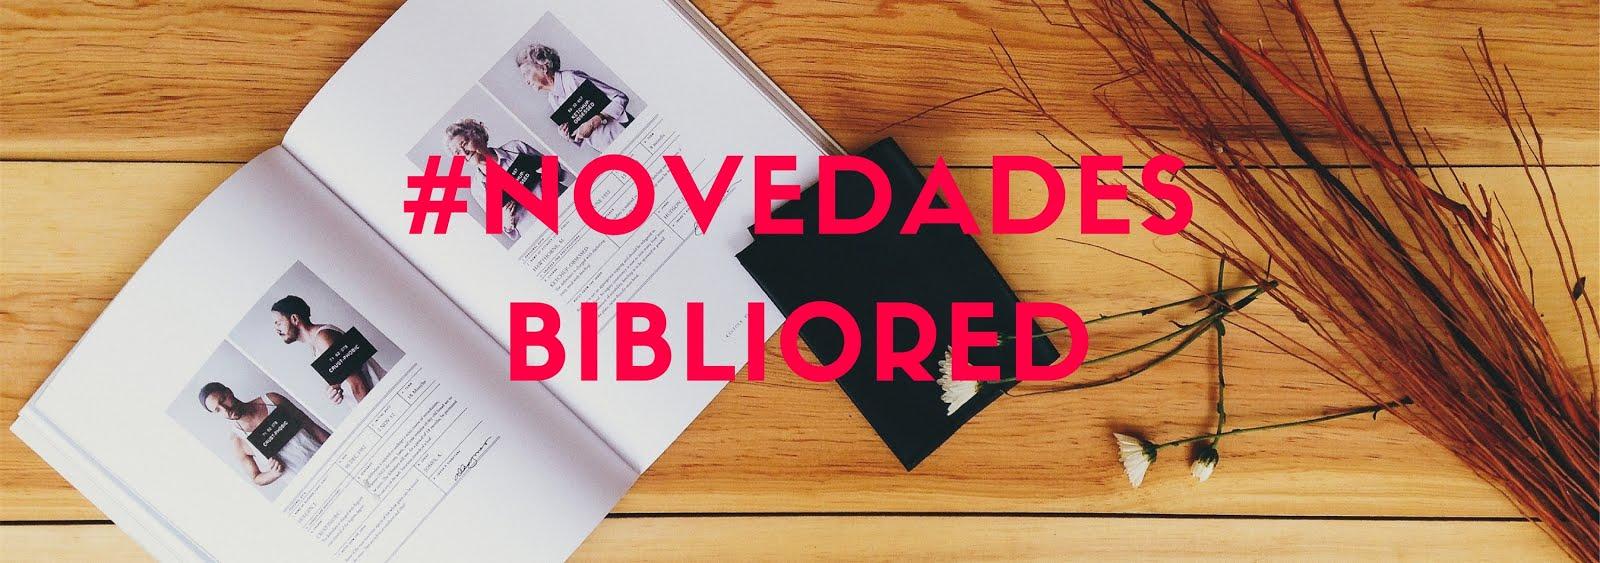 Novedades BiblioRed 2017